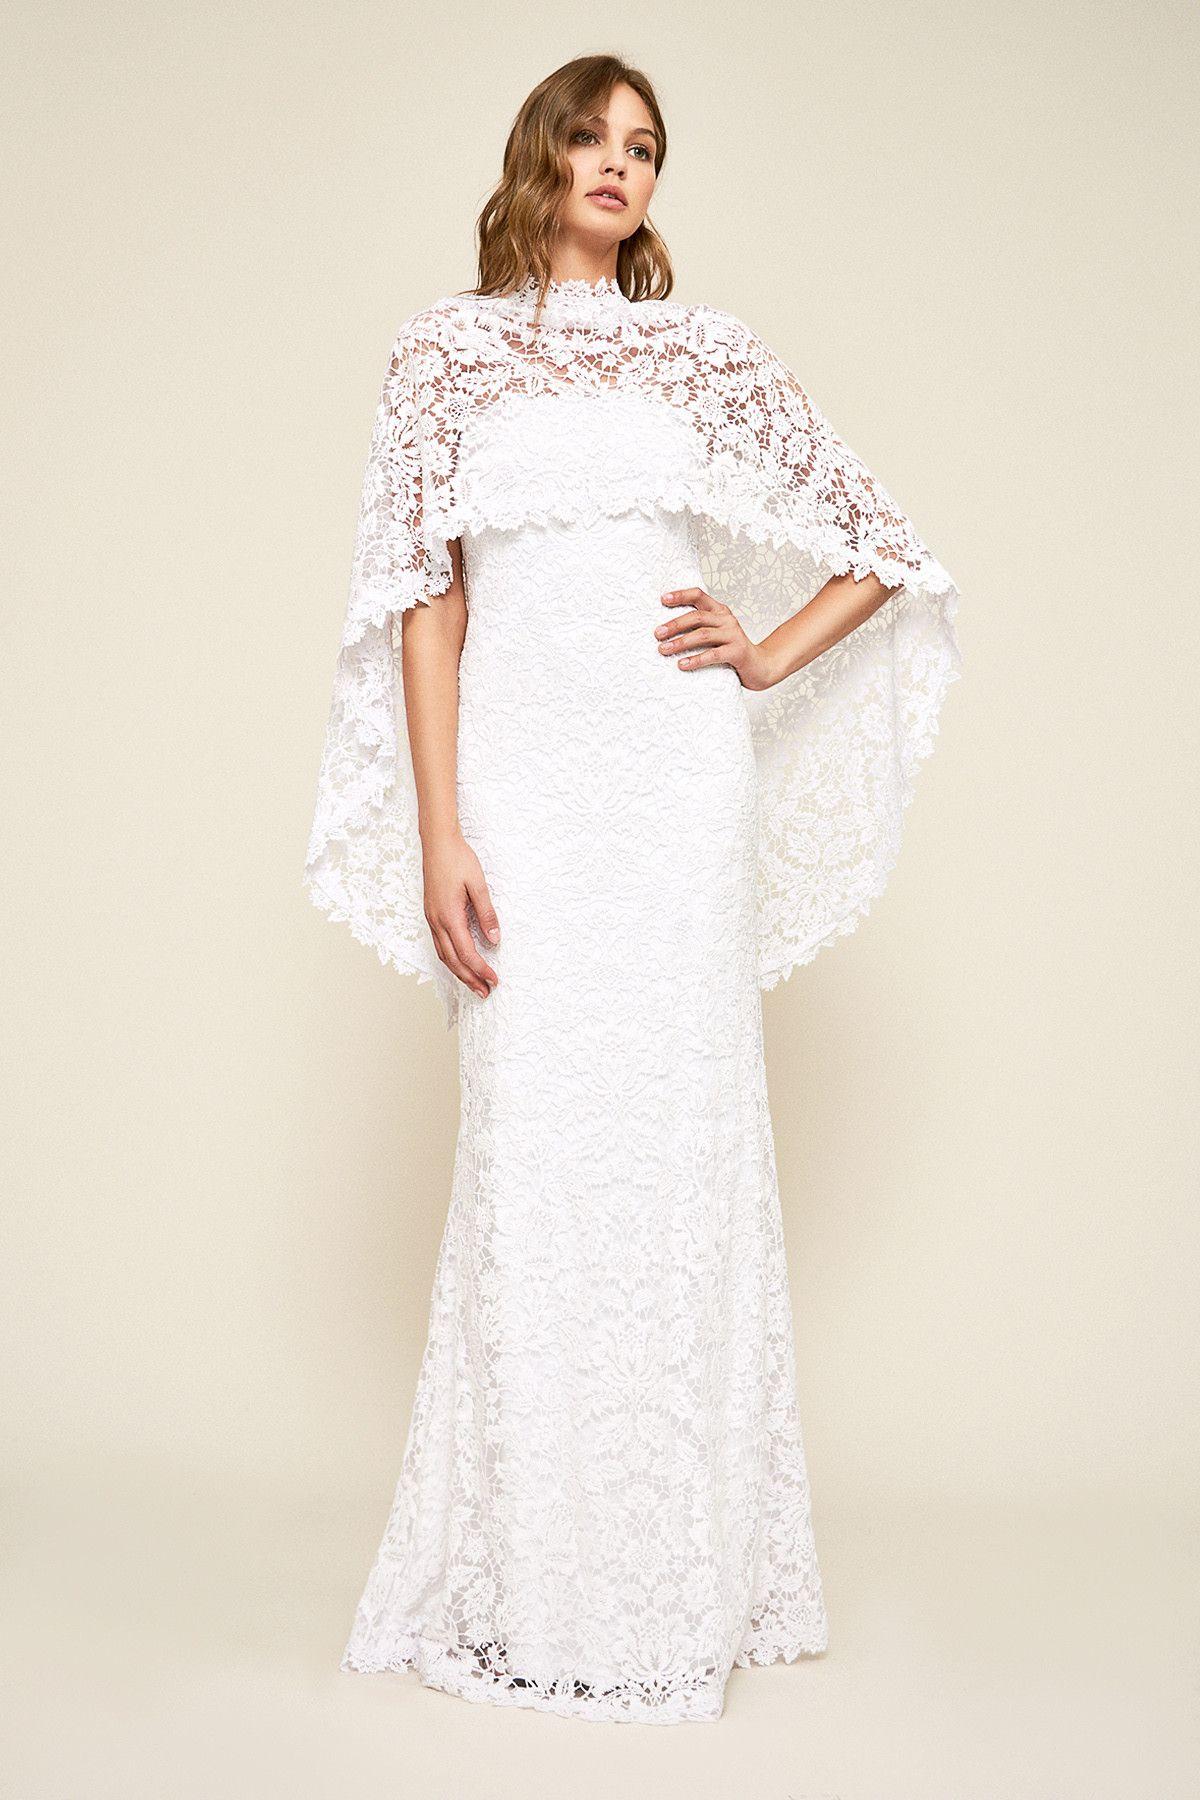 Raleigh strapless capelet gown tadashi shoji boho cape wedding